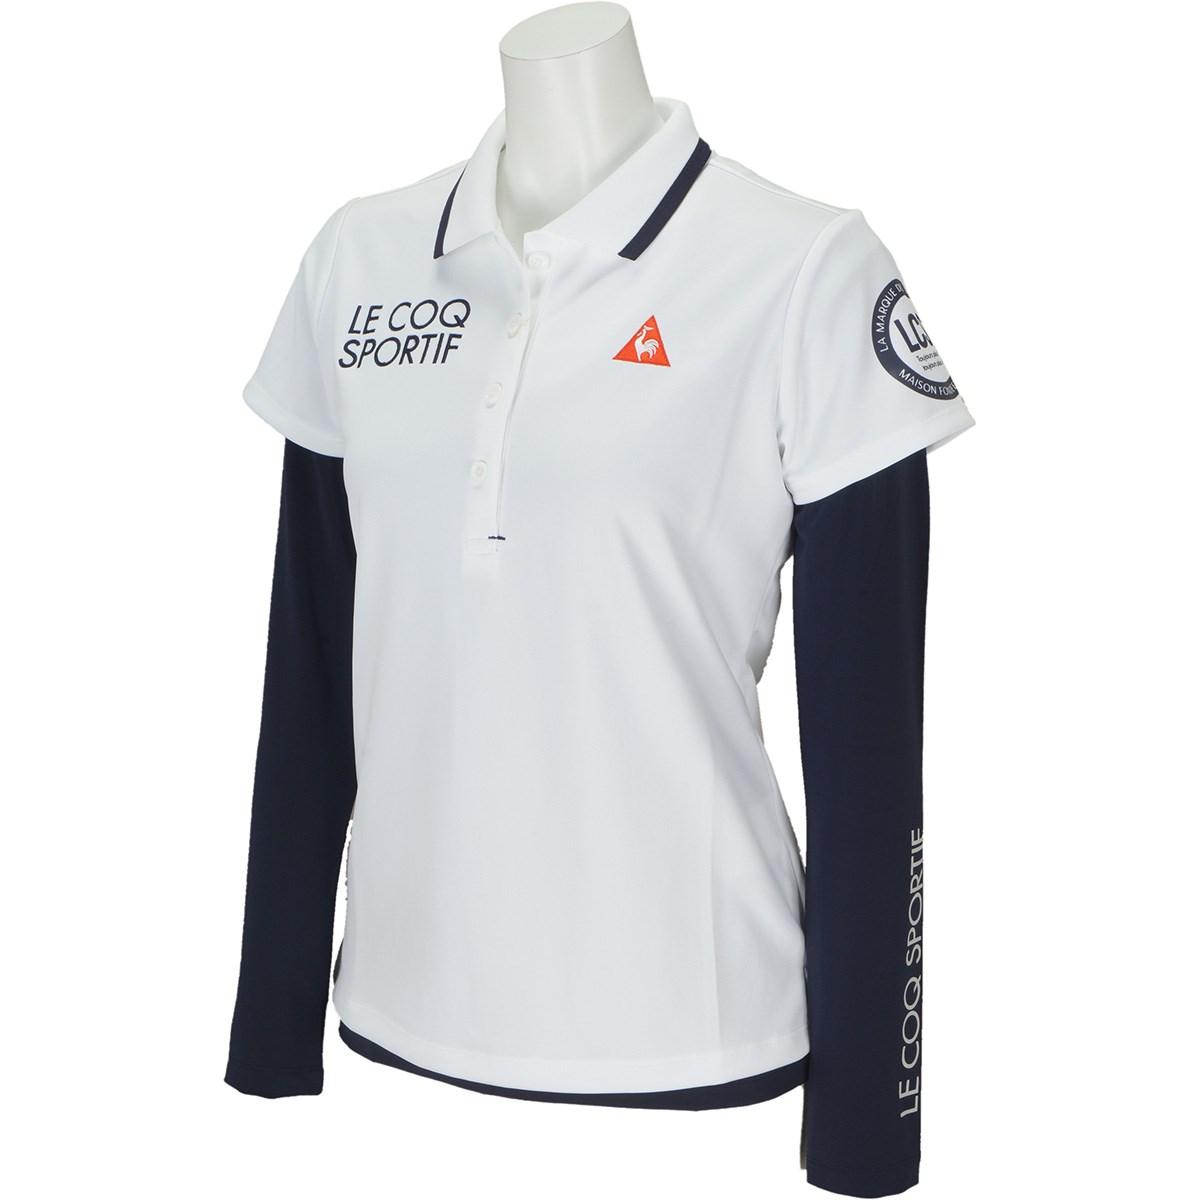 ルコックゴルフ Le coq sportif GOLF ストレッチ 長袖インナーシャツレイヤードセット 半袖ポロシャツ S ホワイト 00 レディス